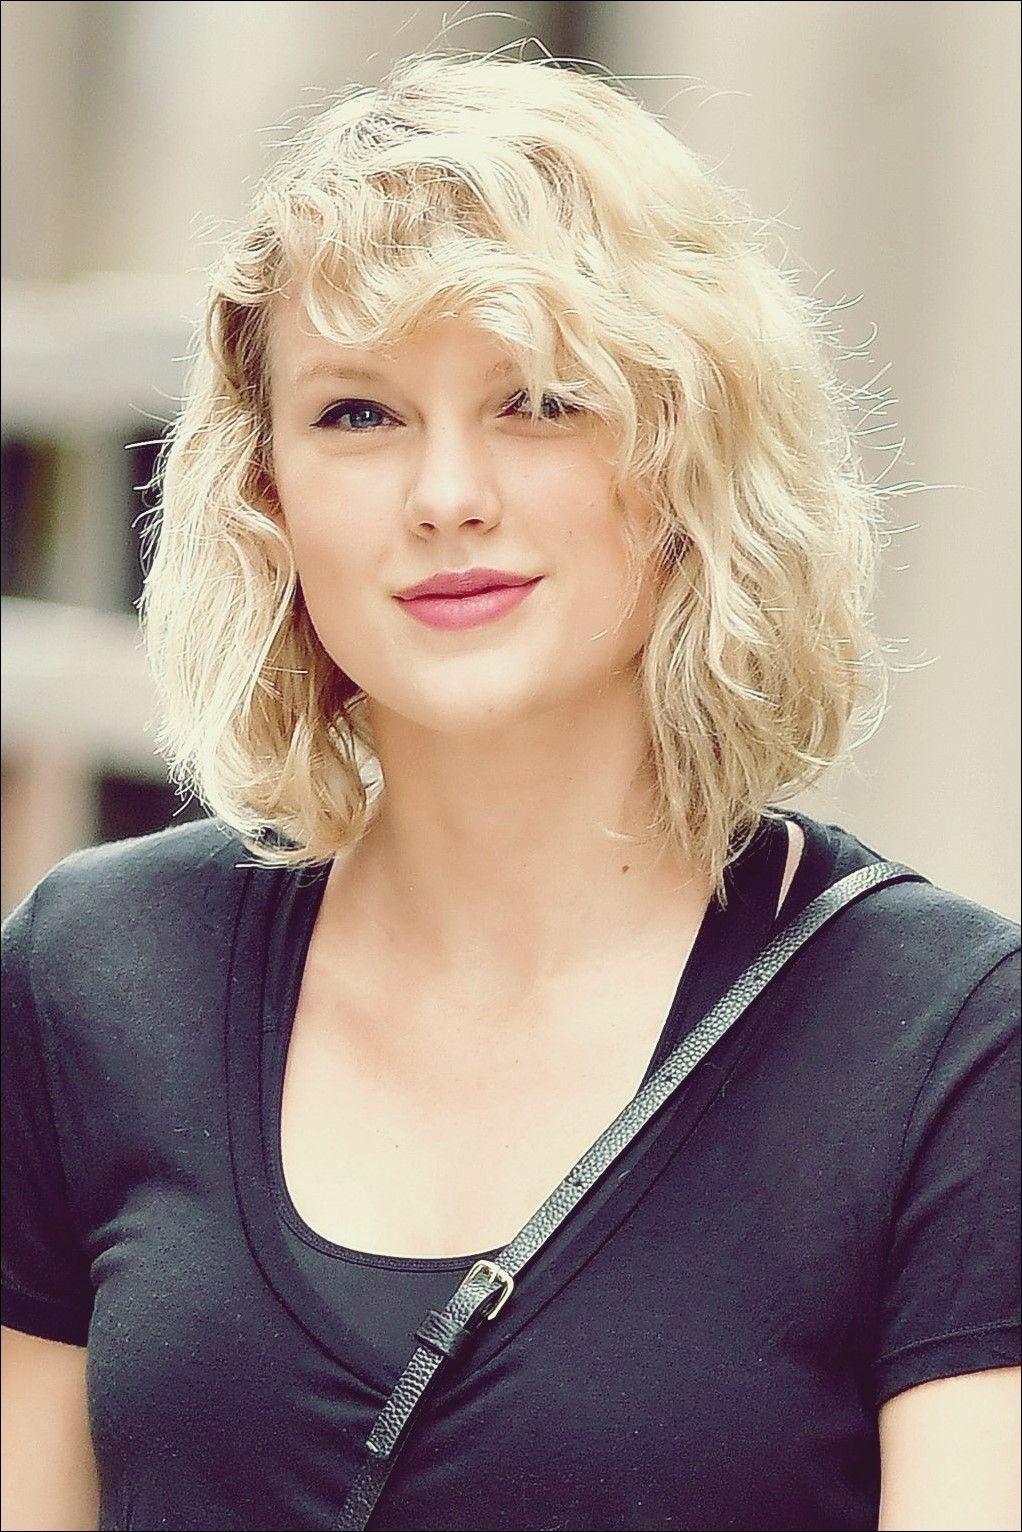 Taylor Swift Haircuts 30 Typische Frisuren Von Taylor Swift With Images Taylor Swift Haircut Hair Beauty Great Hair